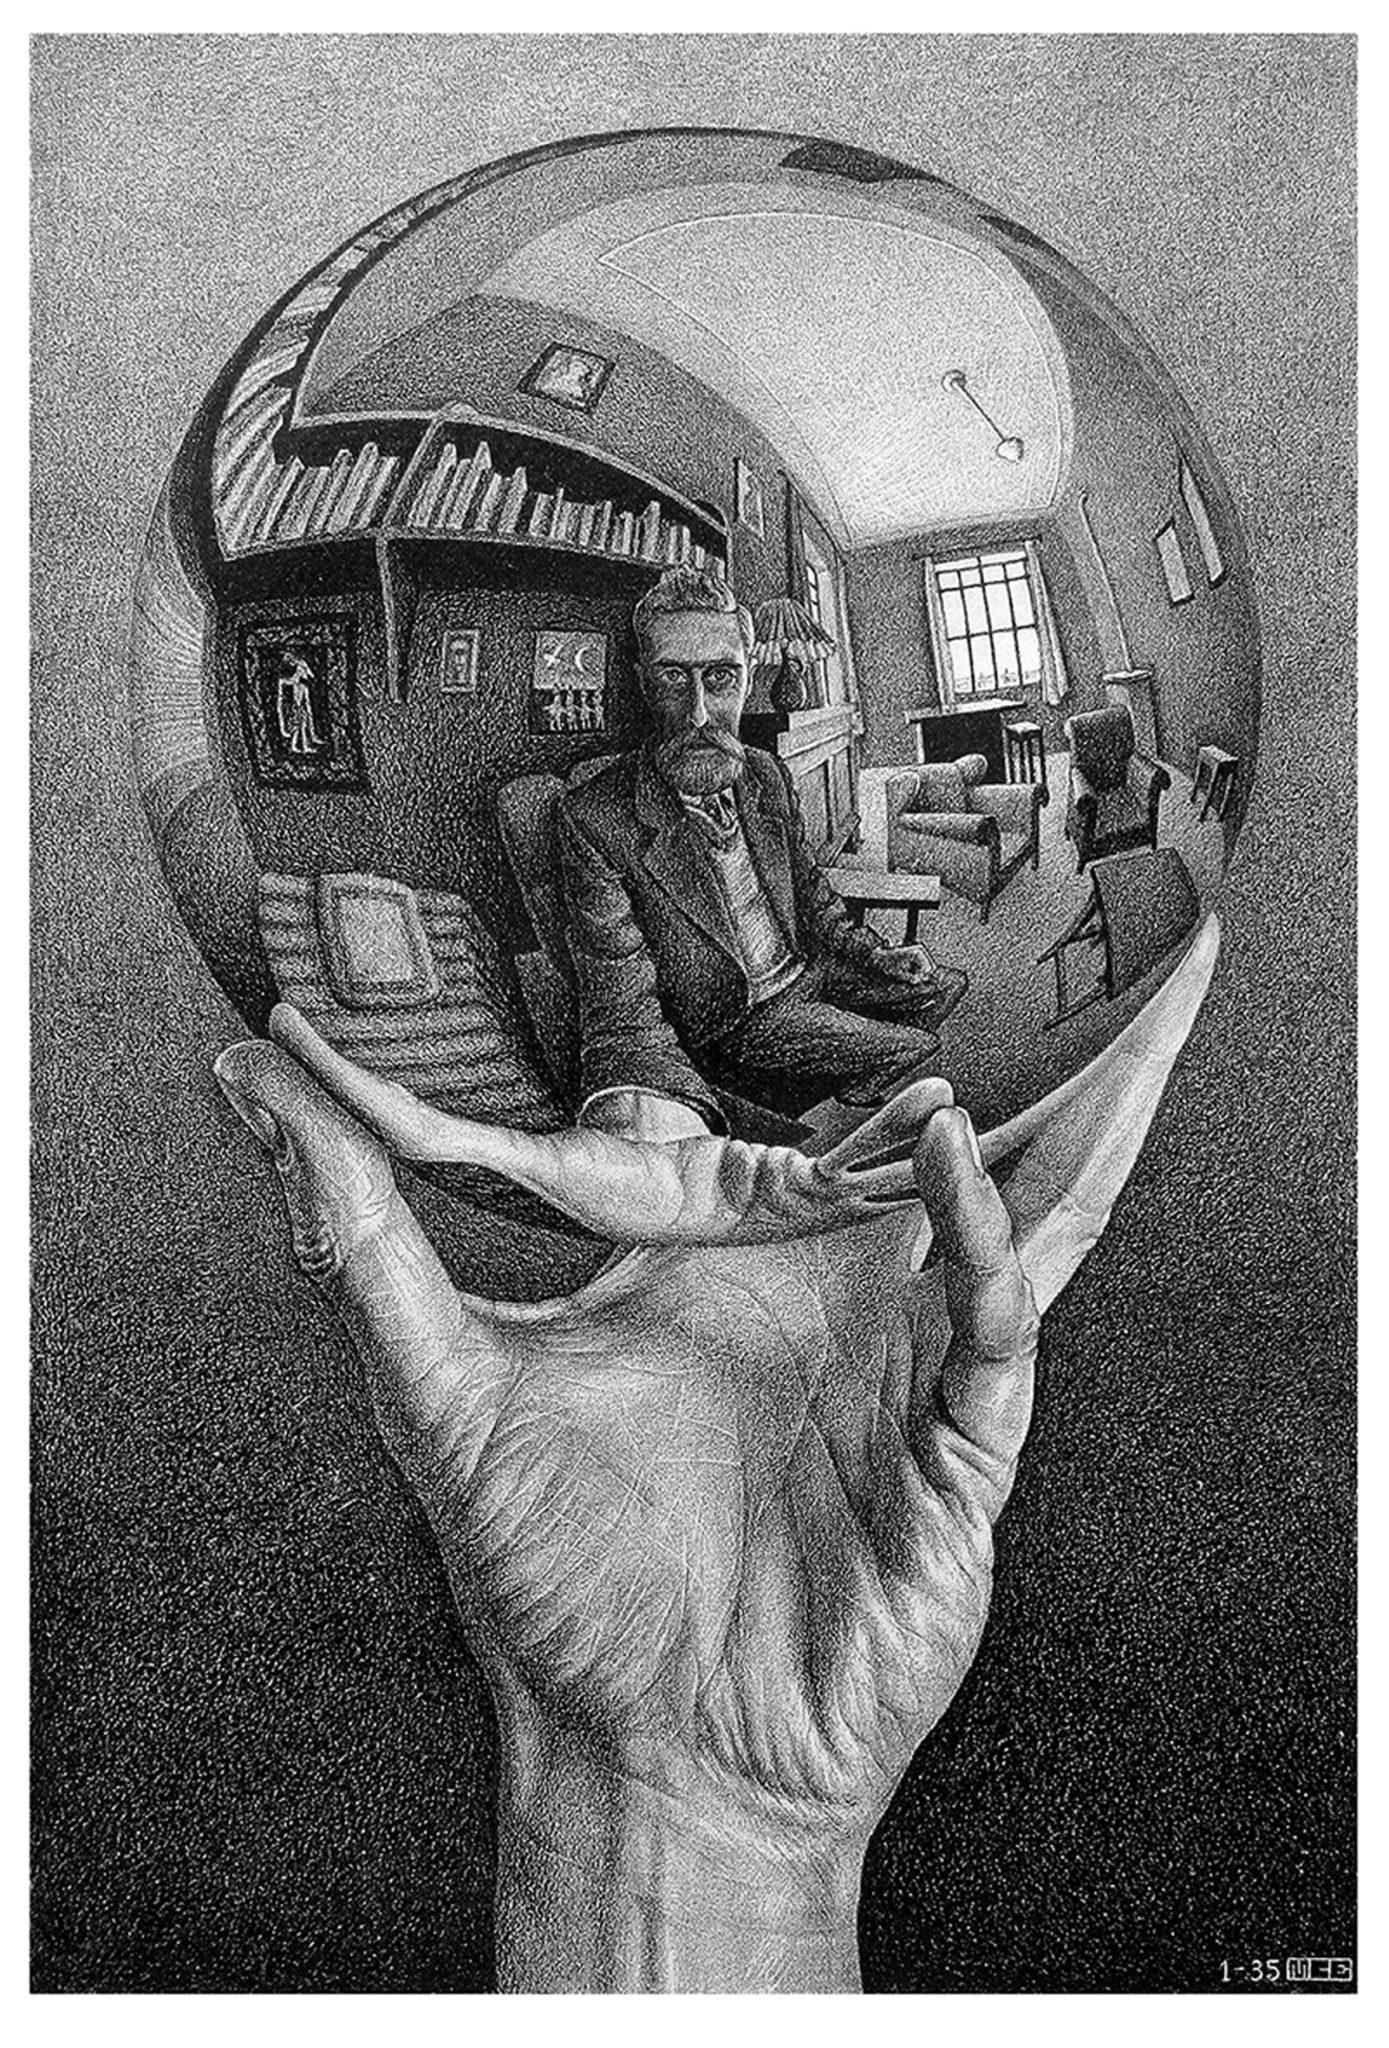 Escher Milano Palazzo Reale Litografia Sfera Riflettente